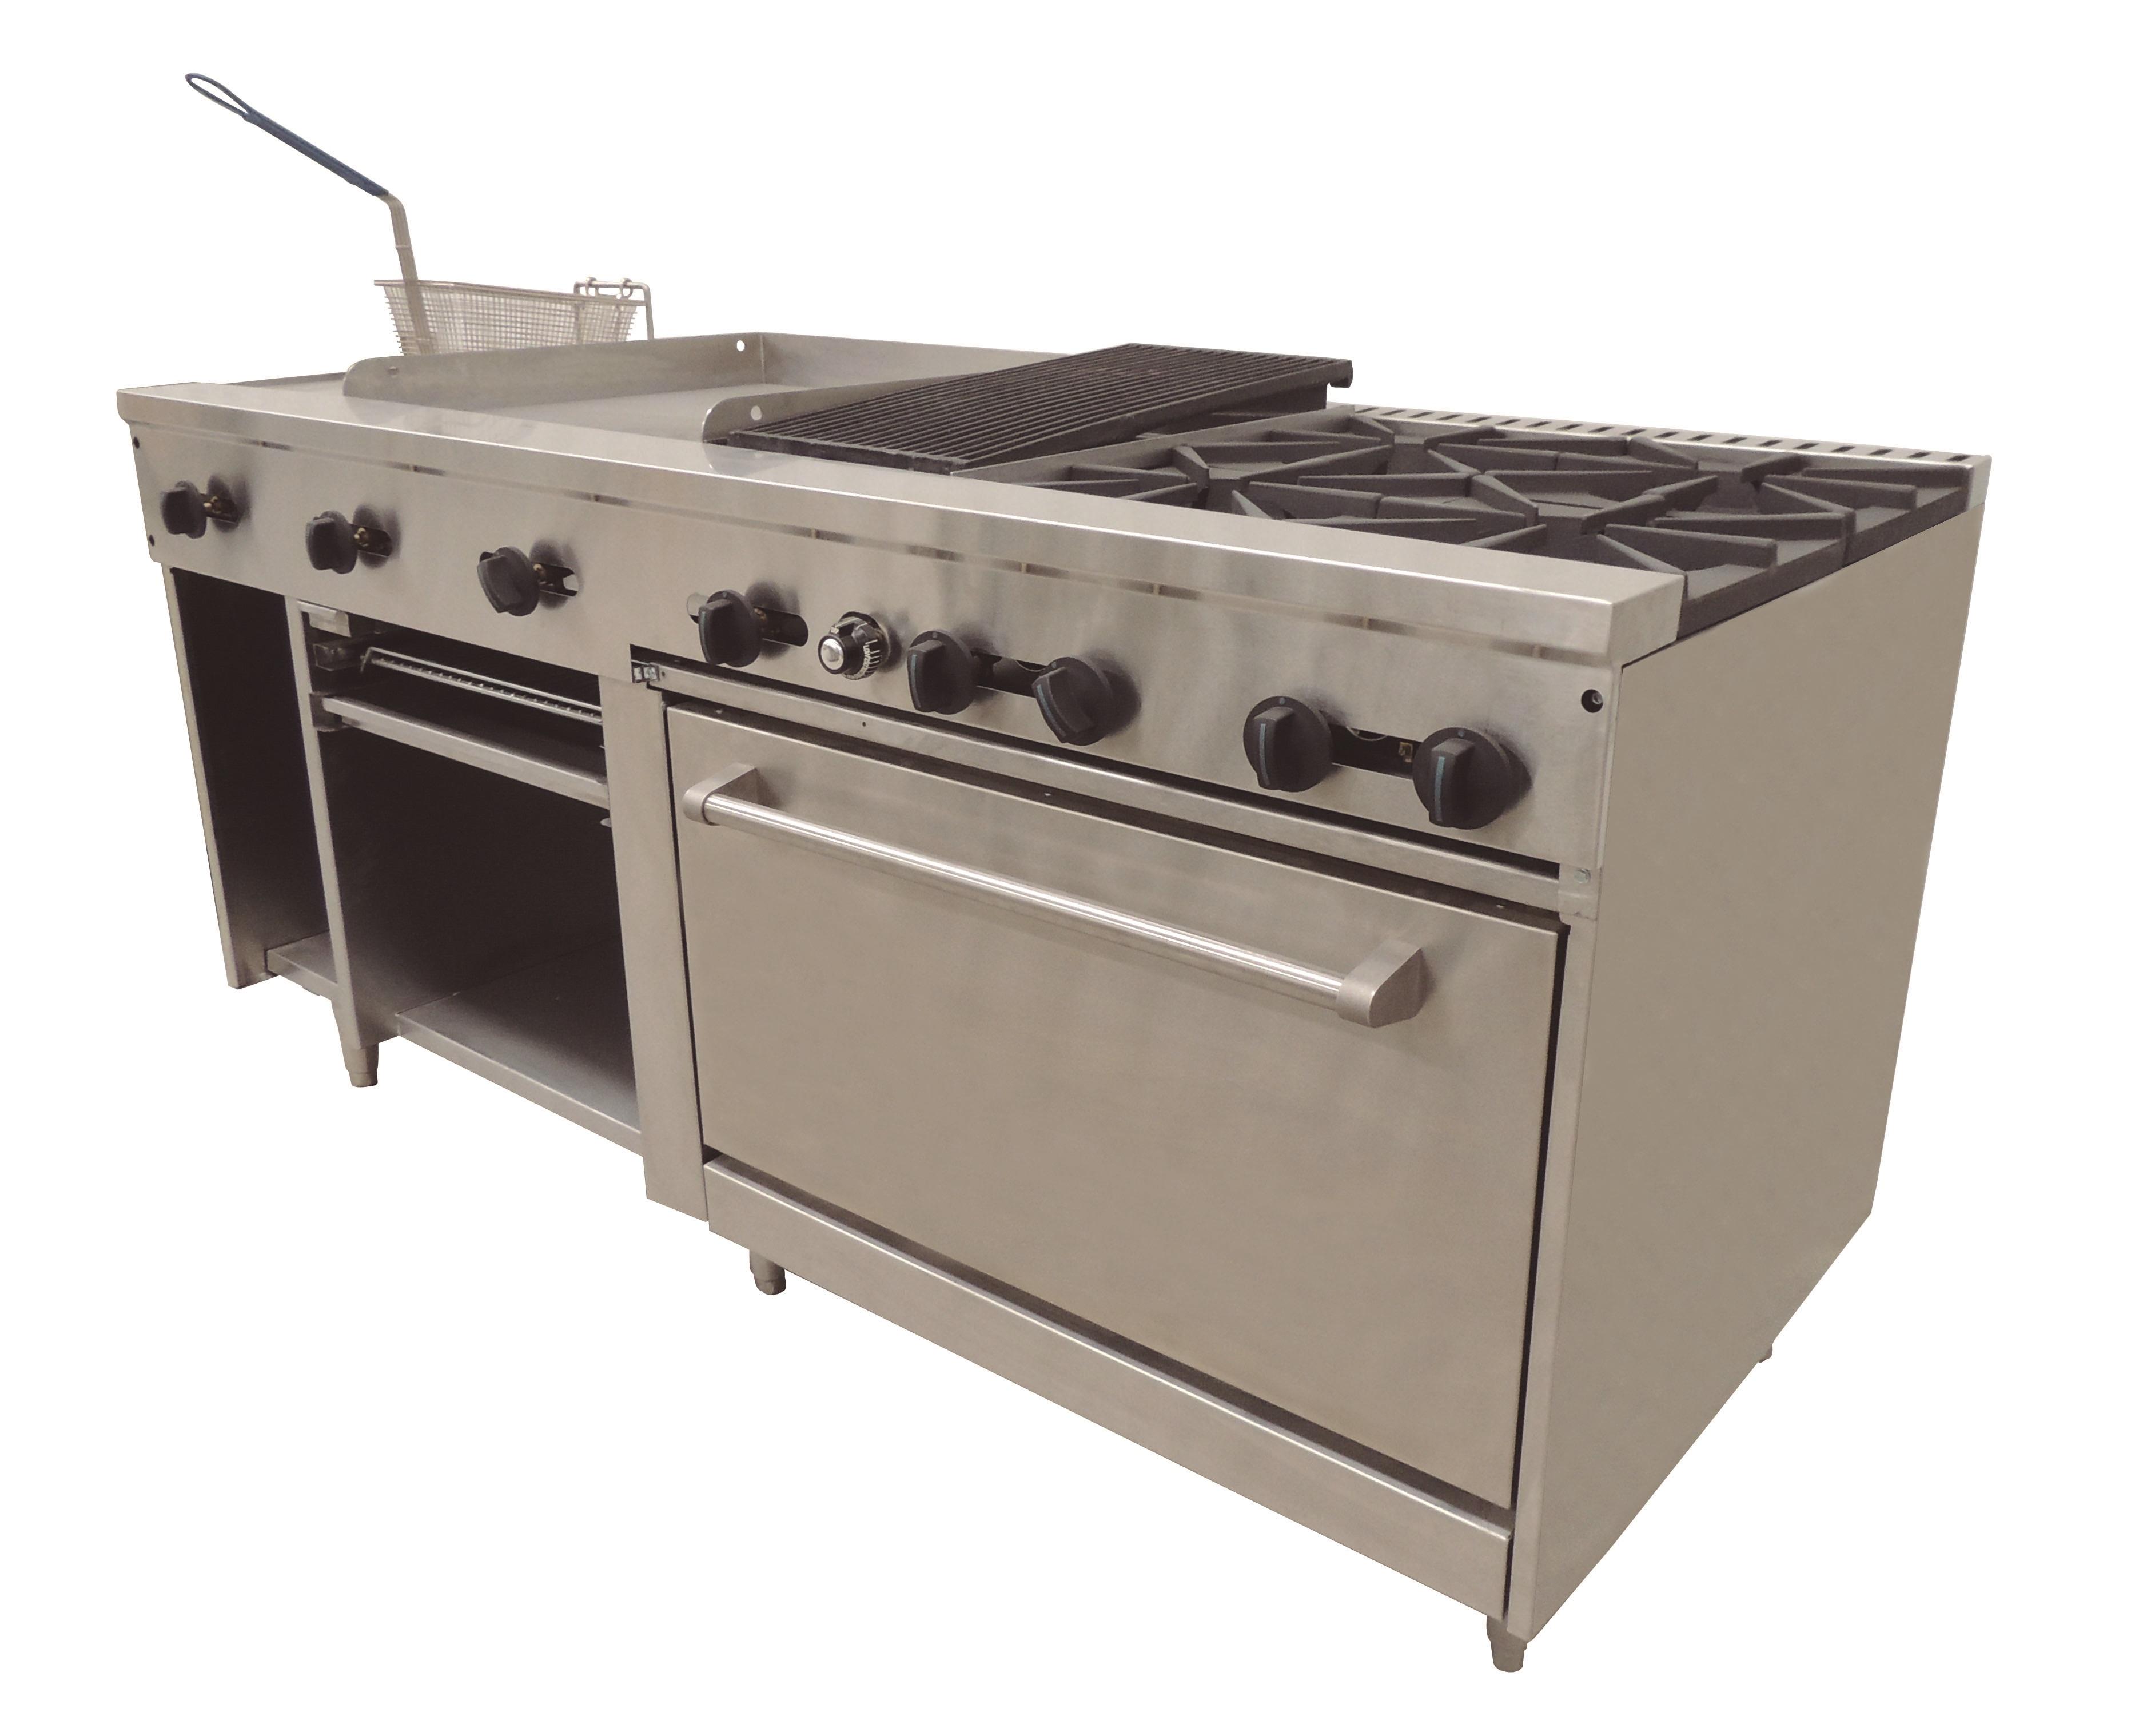 Parrillas para cocina parrilla de gas cm marca eb eb for Parrilla cocina industrial